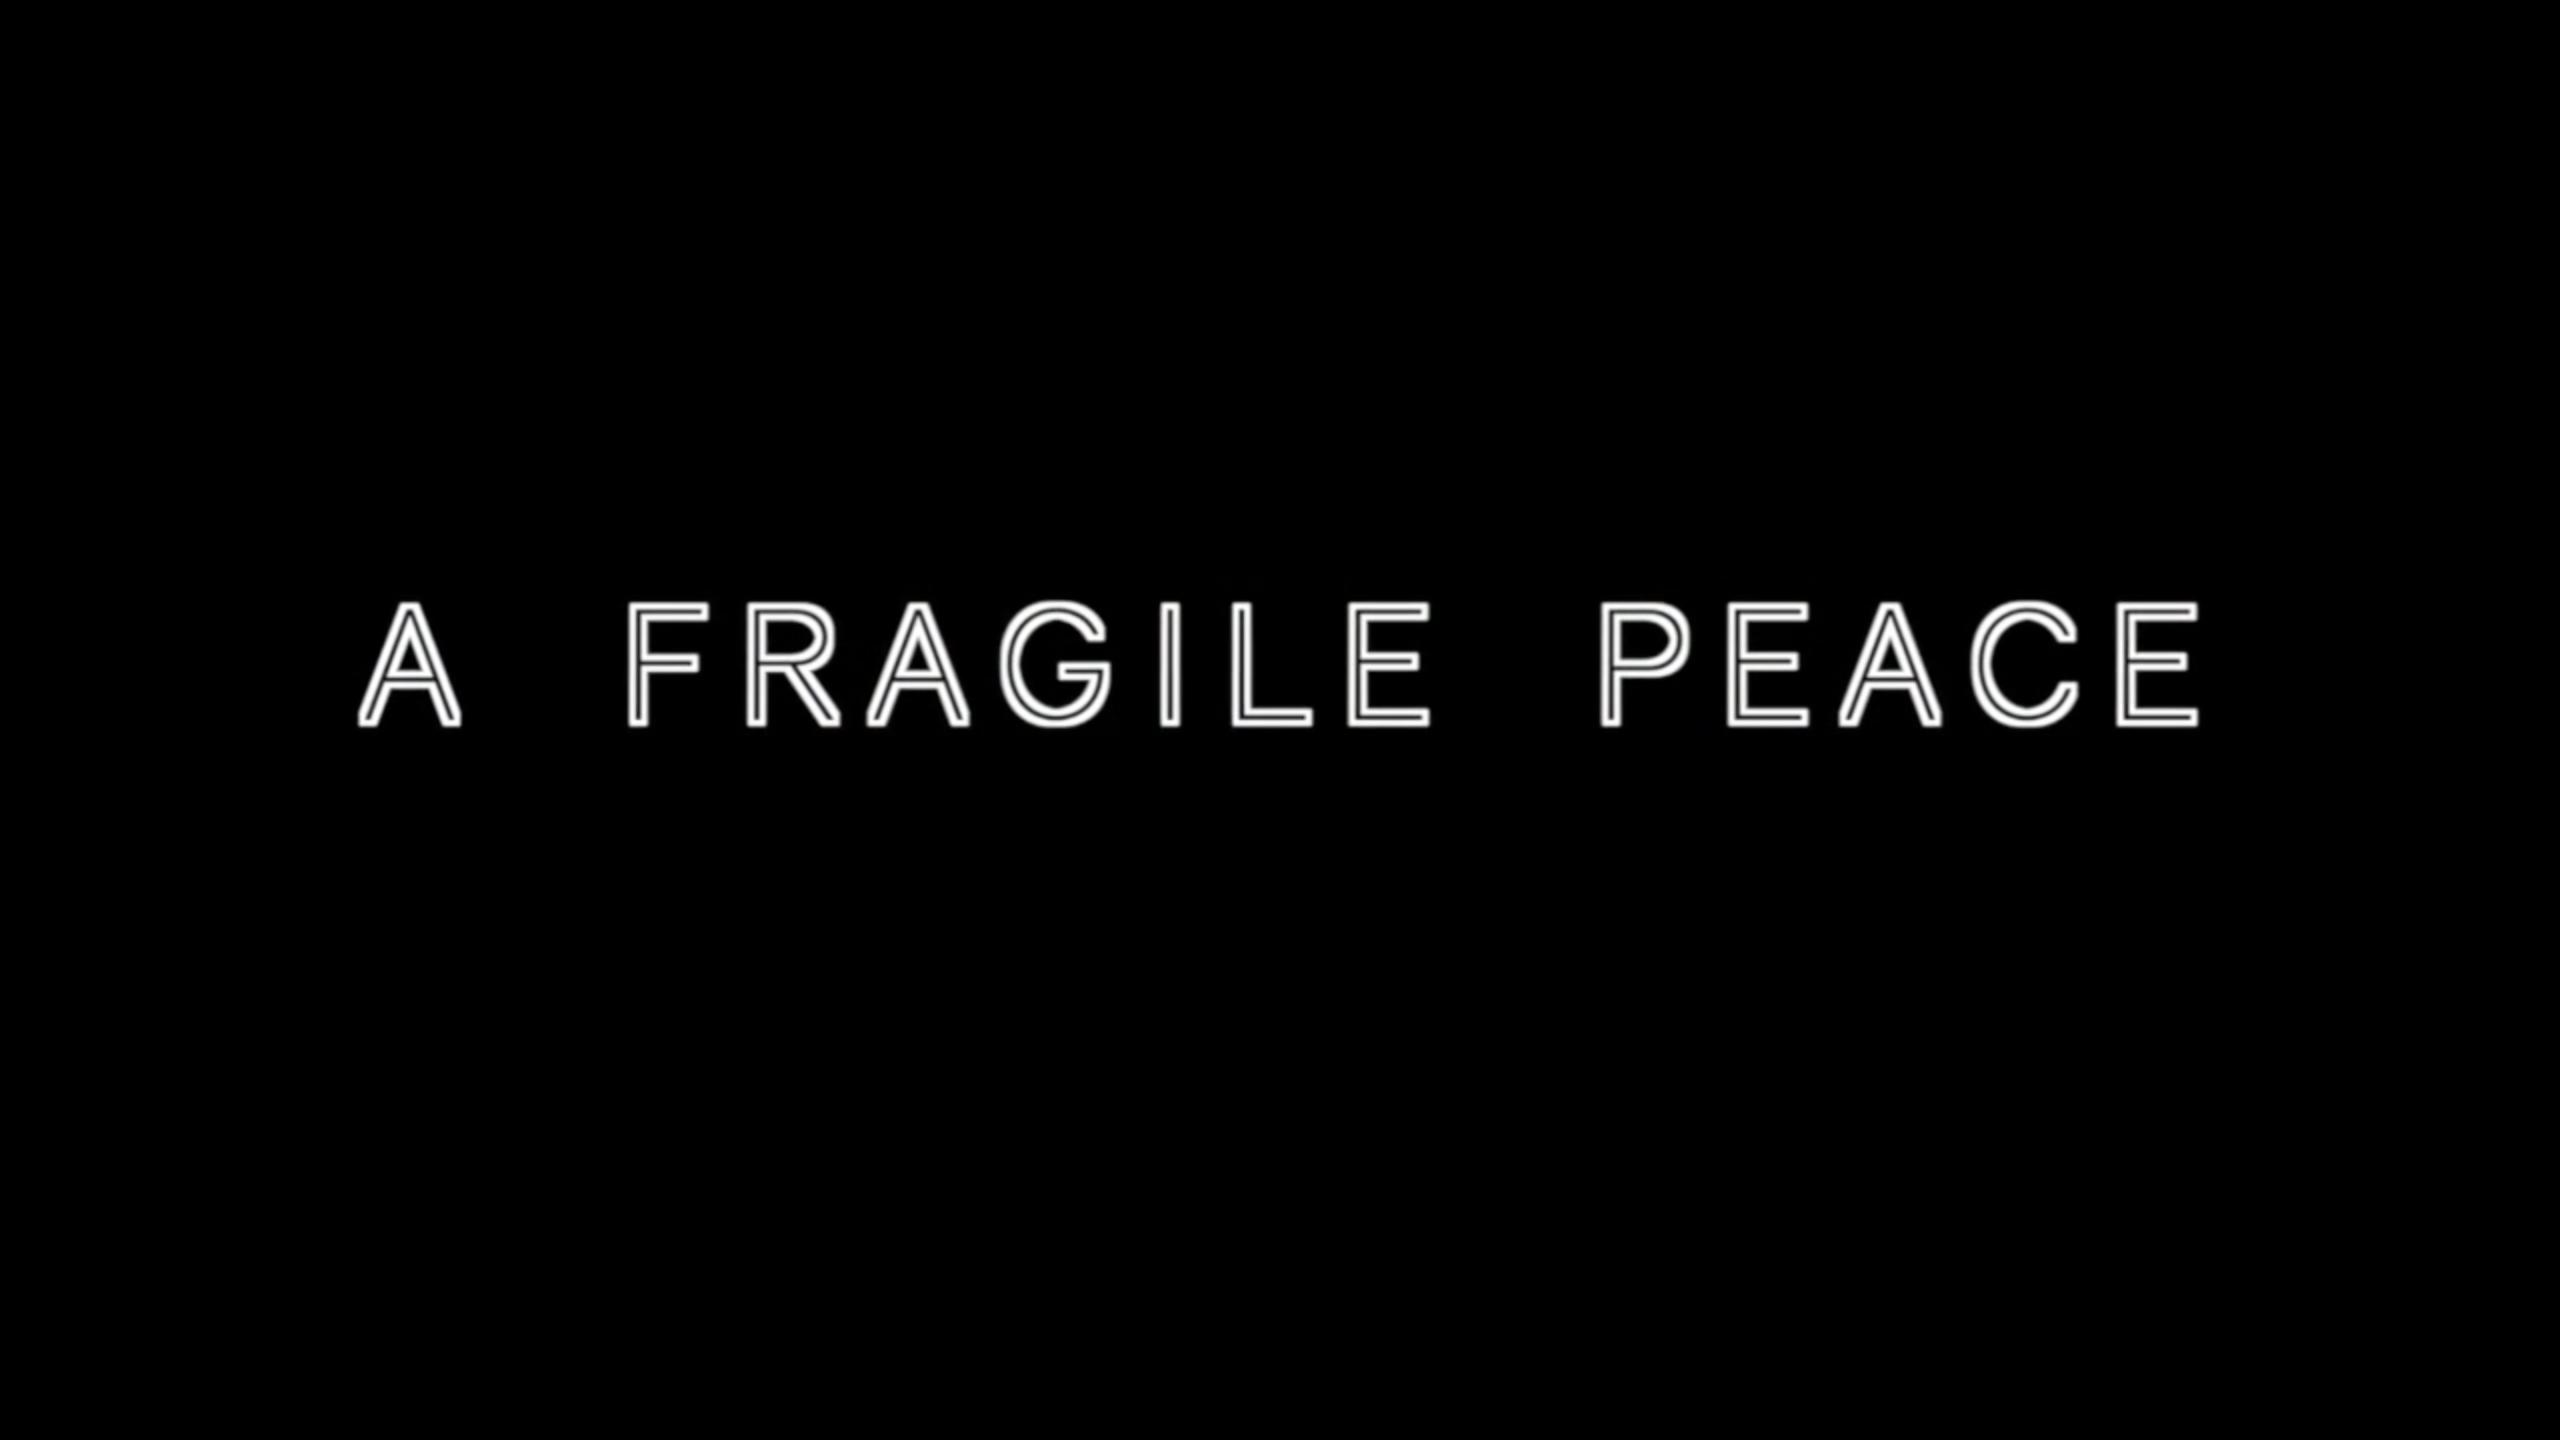 Fragile Peace Title